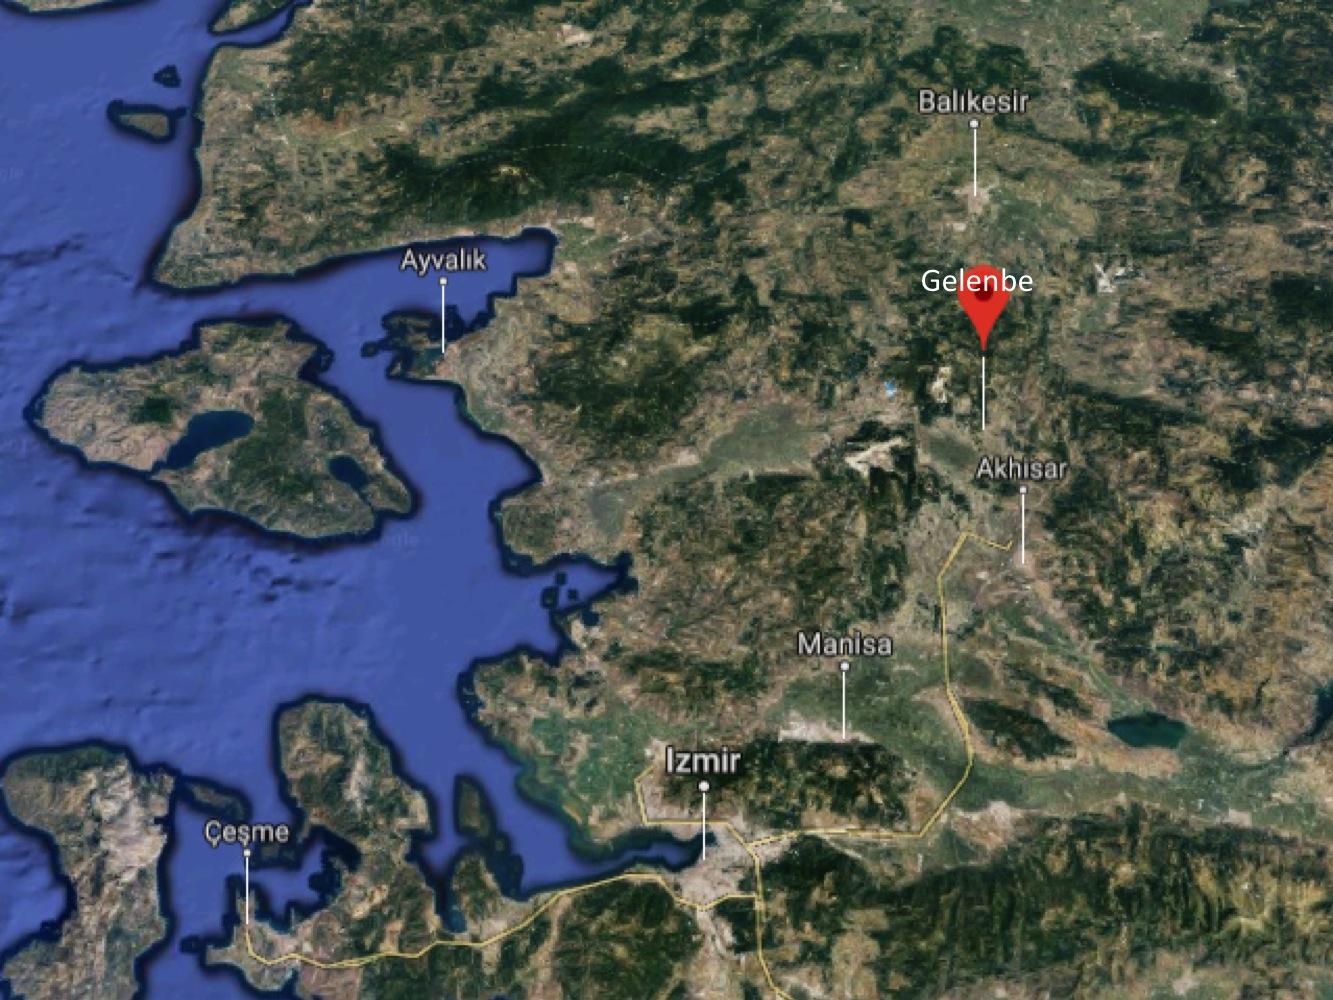 GPS: 39° 10' 19.1892'' N / 27° 50' 34.3140'' E